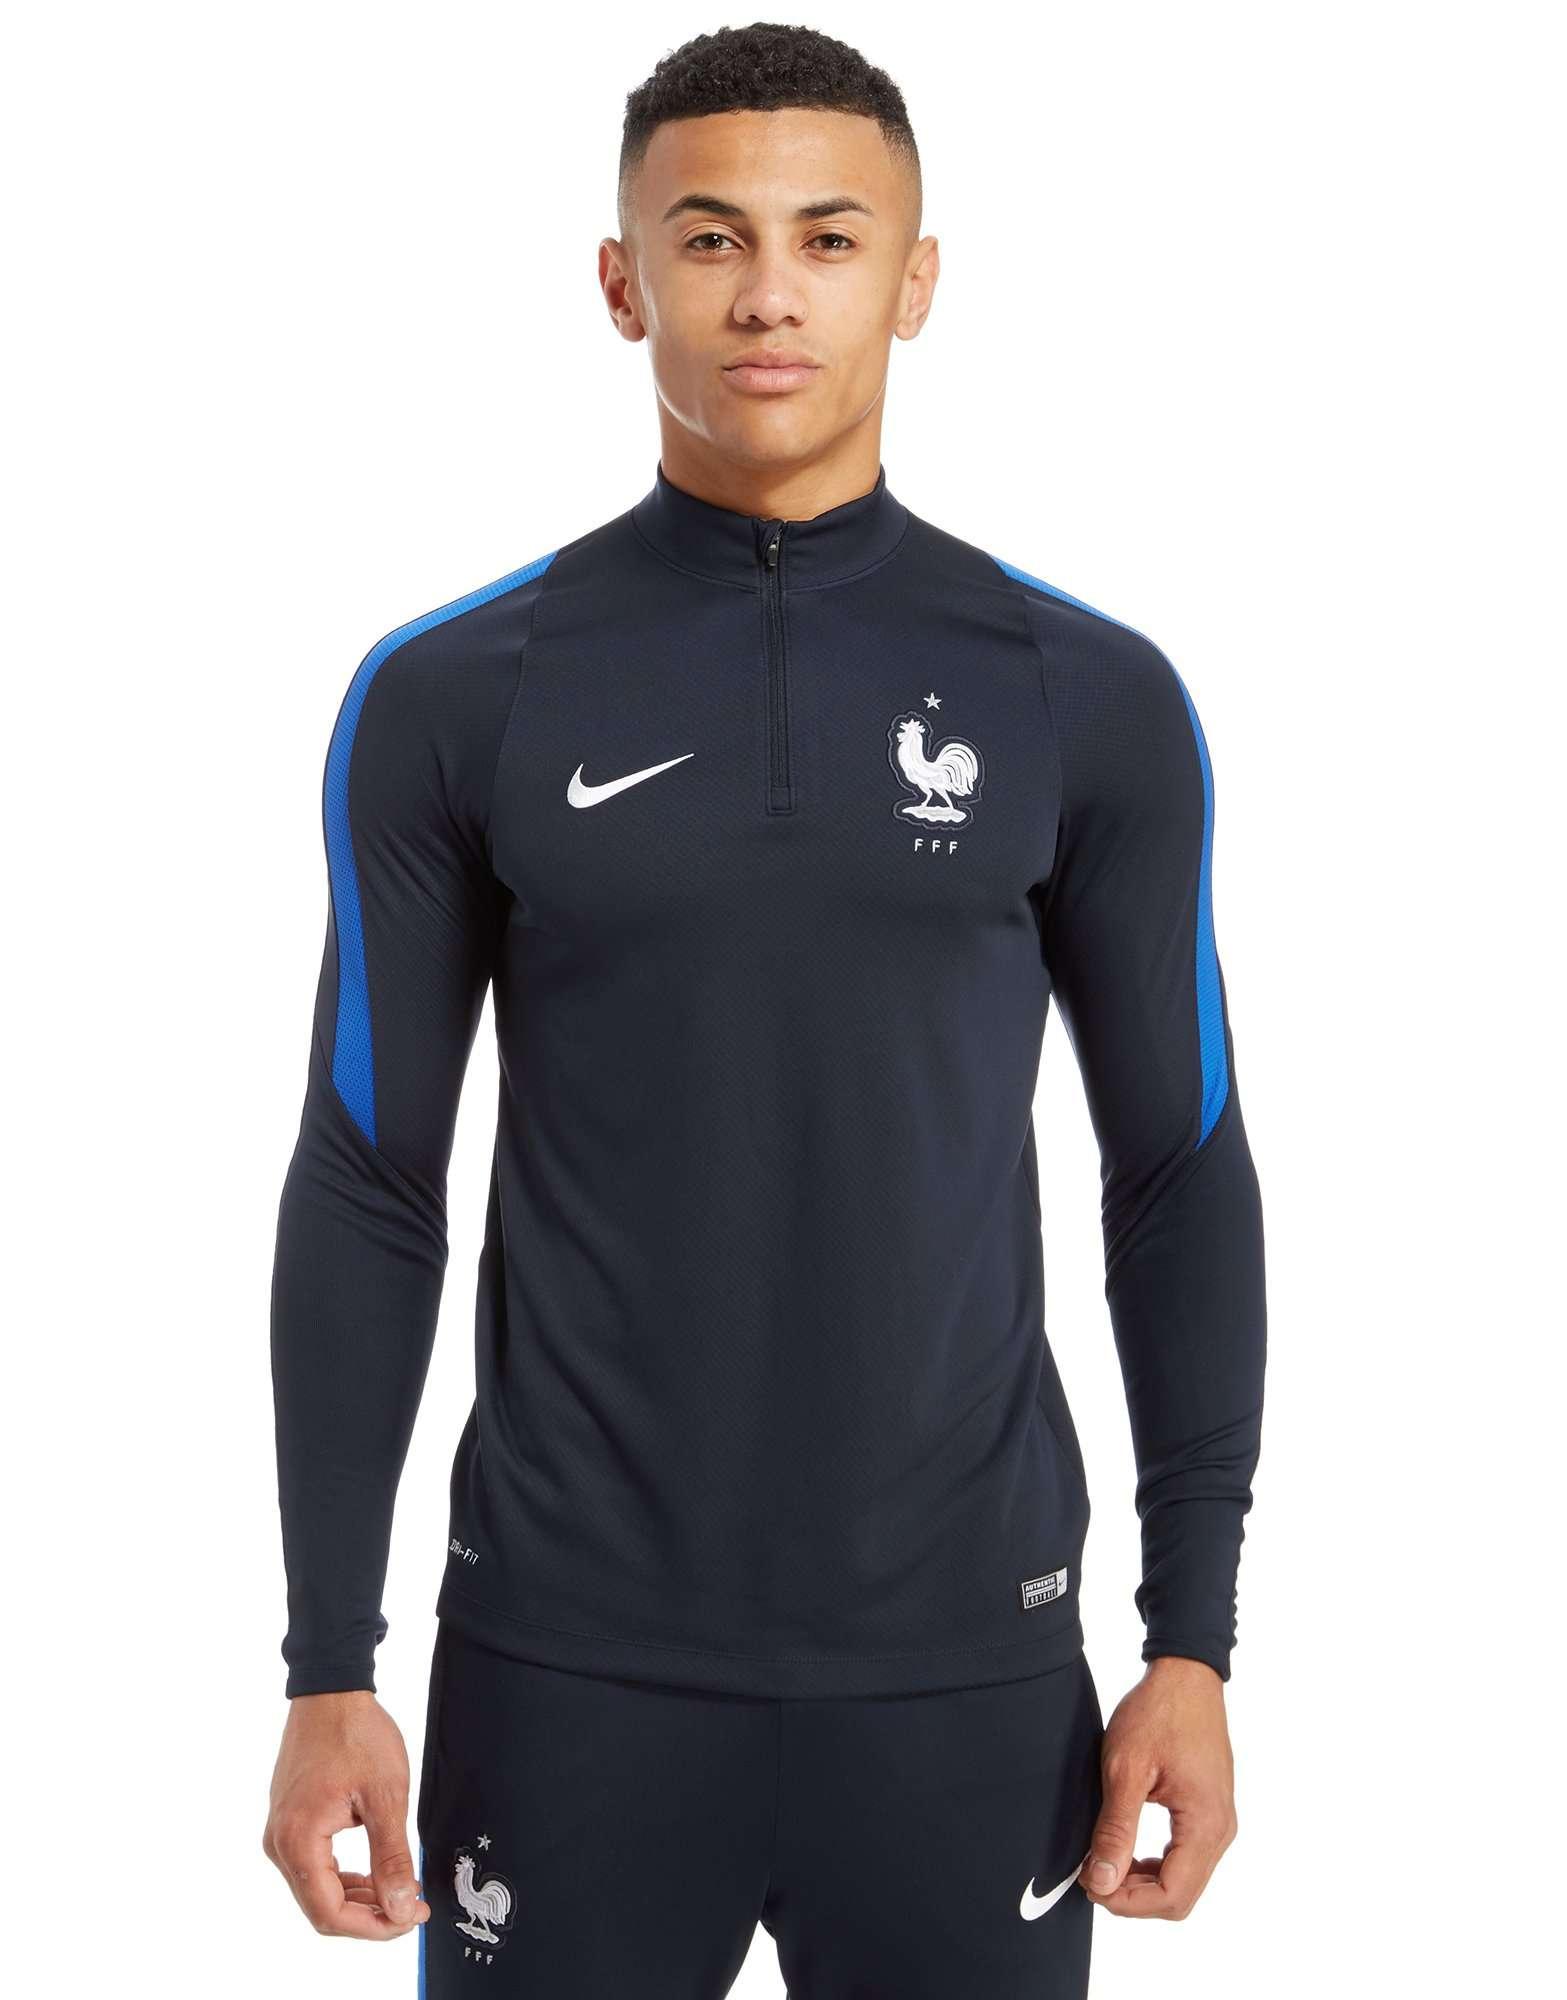 Nike france 2016 drill top jd sports